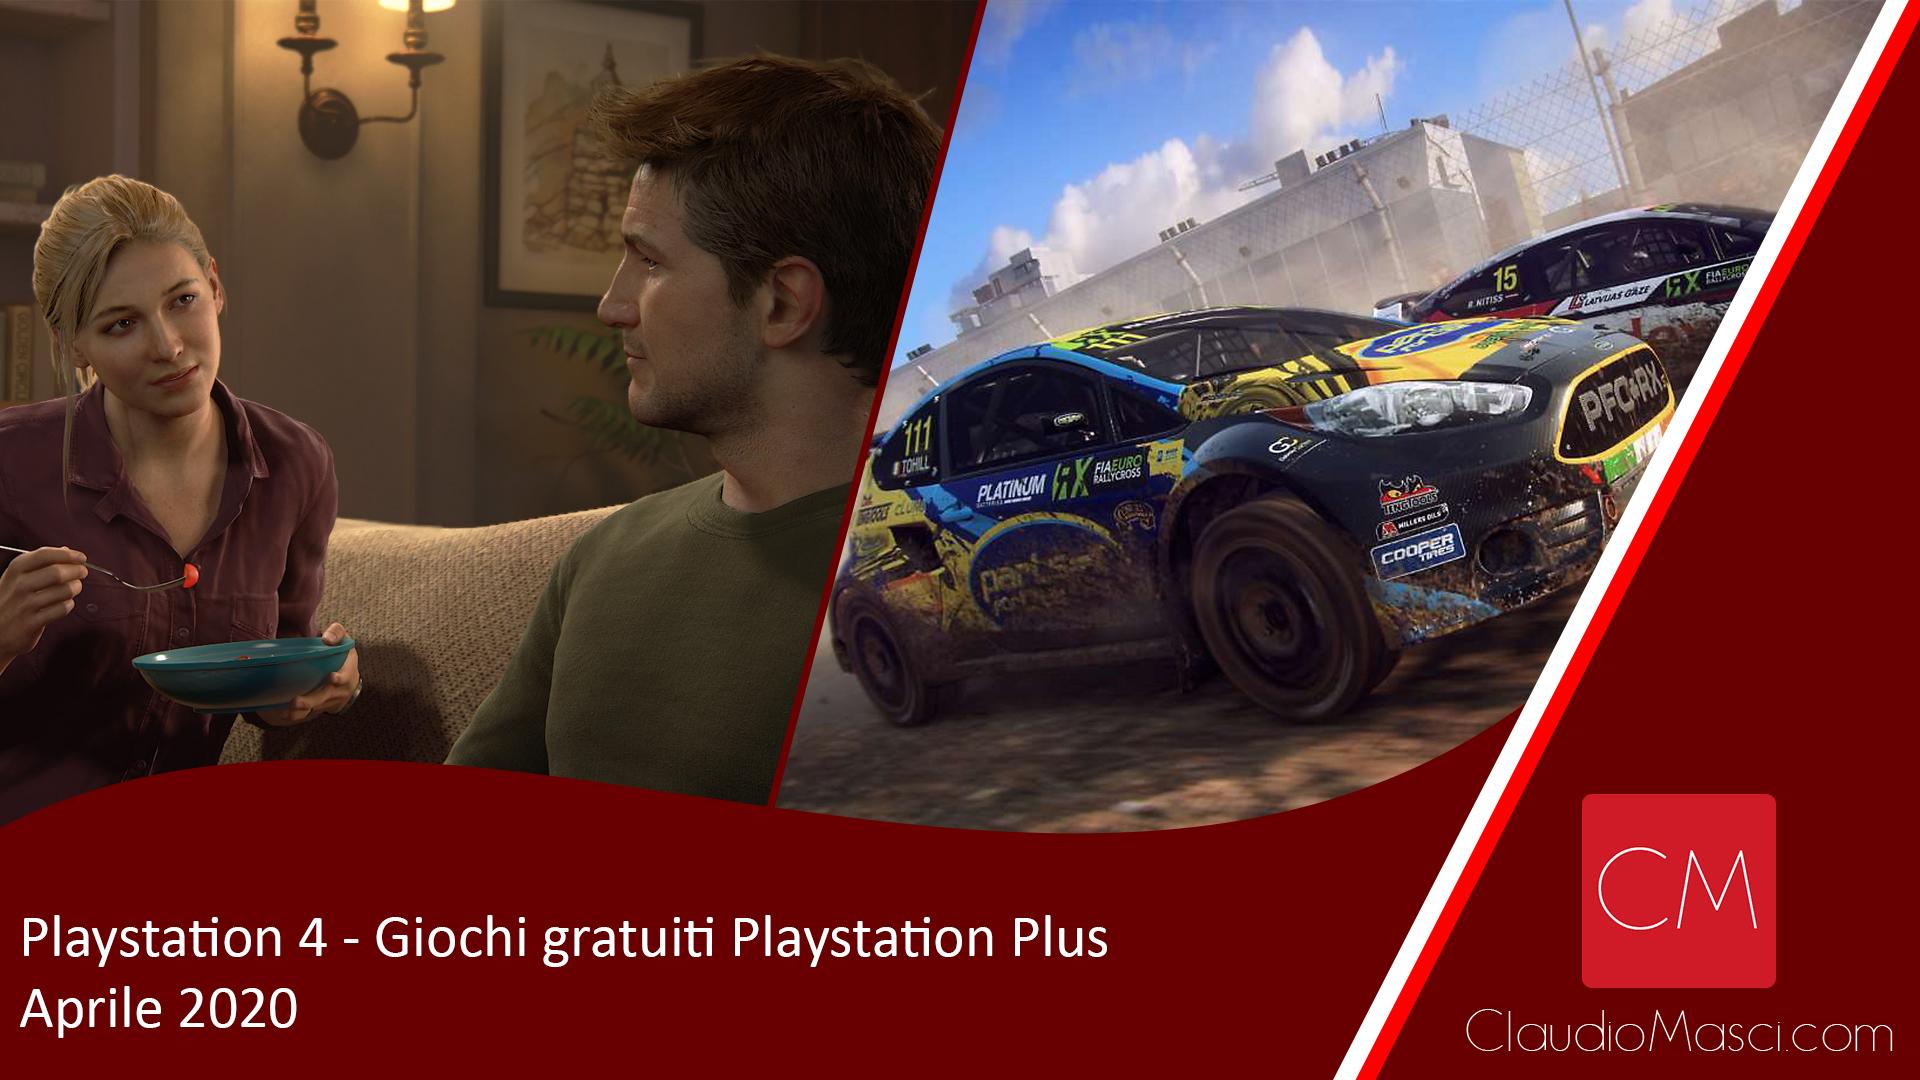 Playstation Plus – Giochi gratuiti PS Plus Aprile 2020